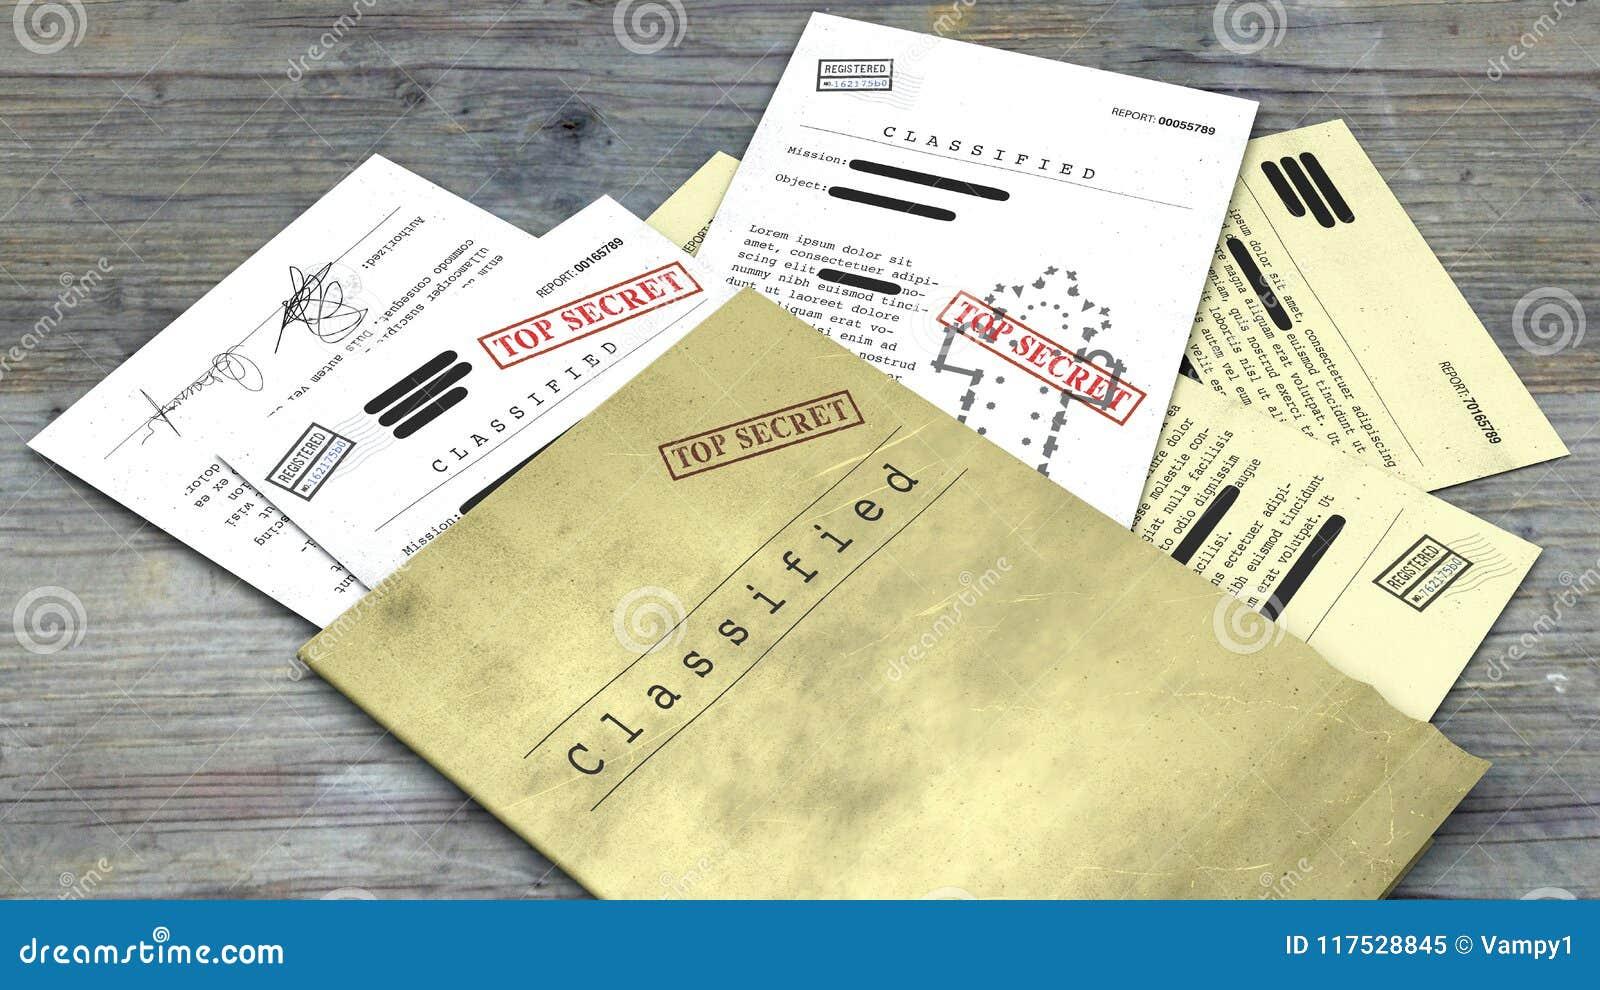 Сверхсекретный документ, рассекречиванная, конфиденциальная информация, секретный текст данные по Не-публики